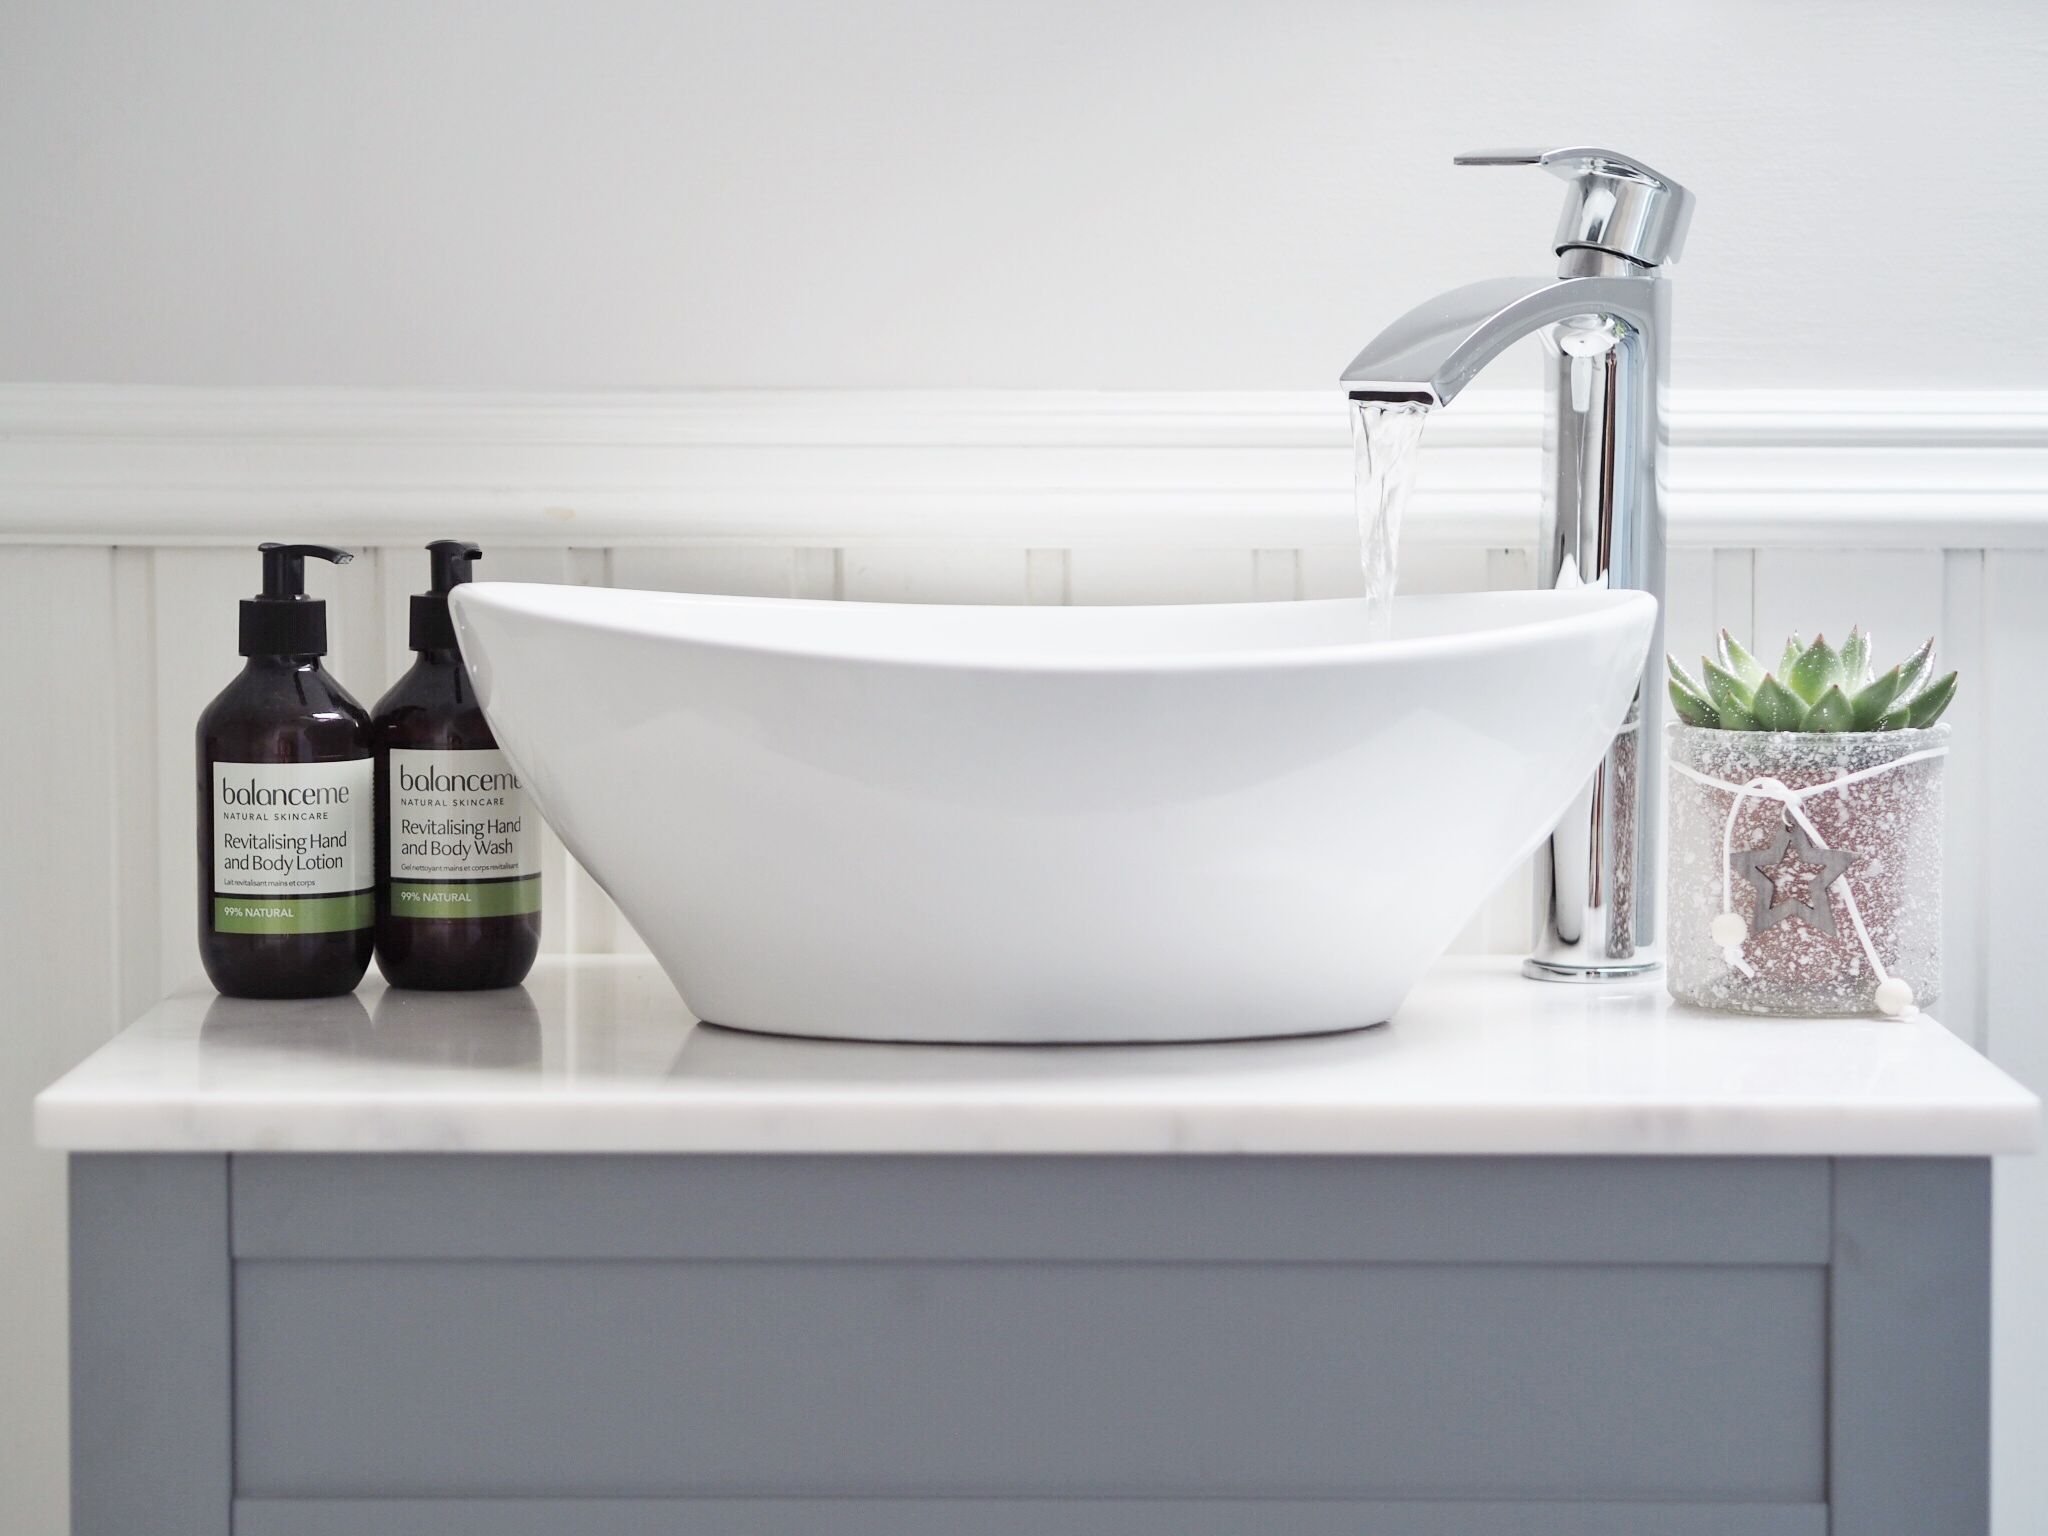 Bathroom Supplies Northern Ireland - Bathroom Decor